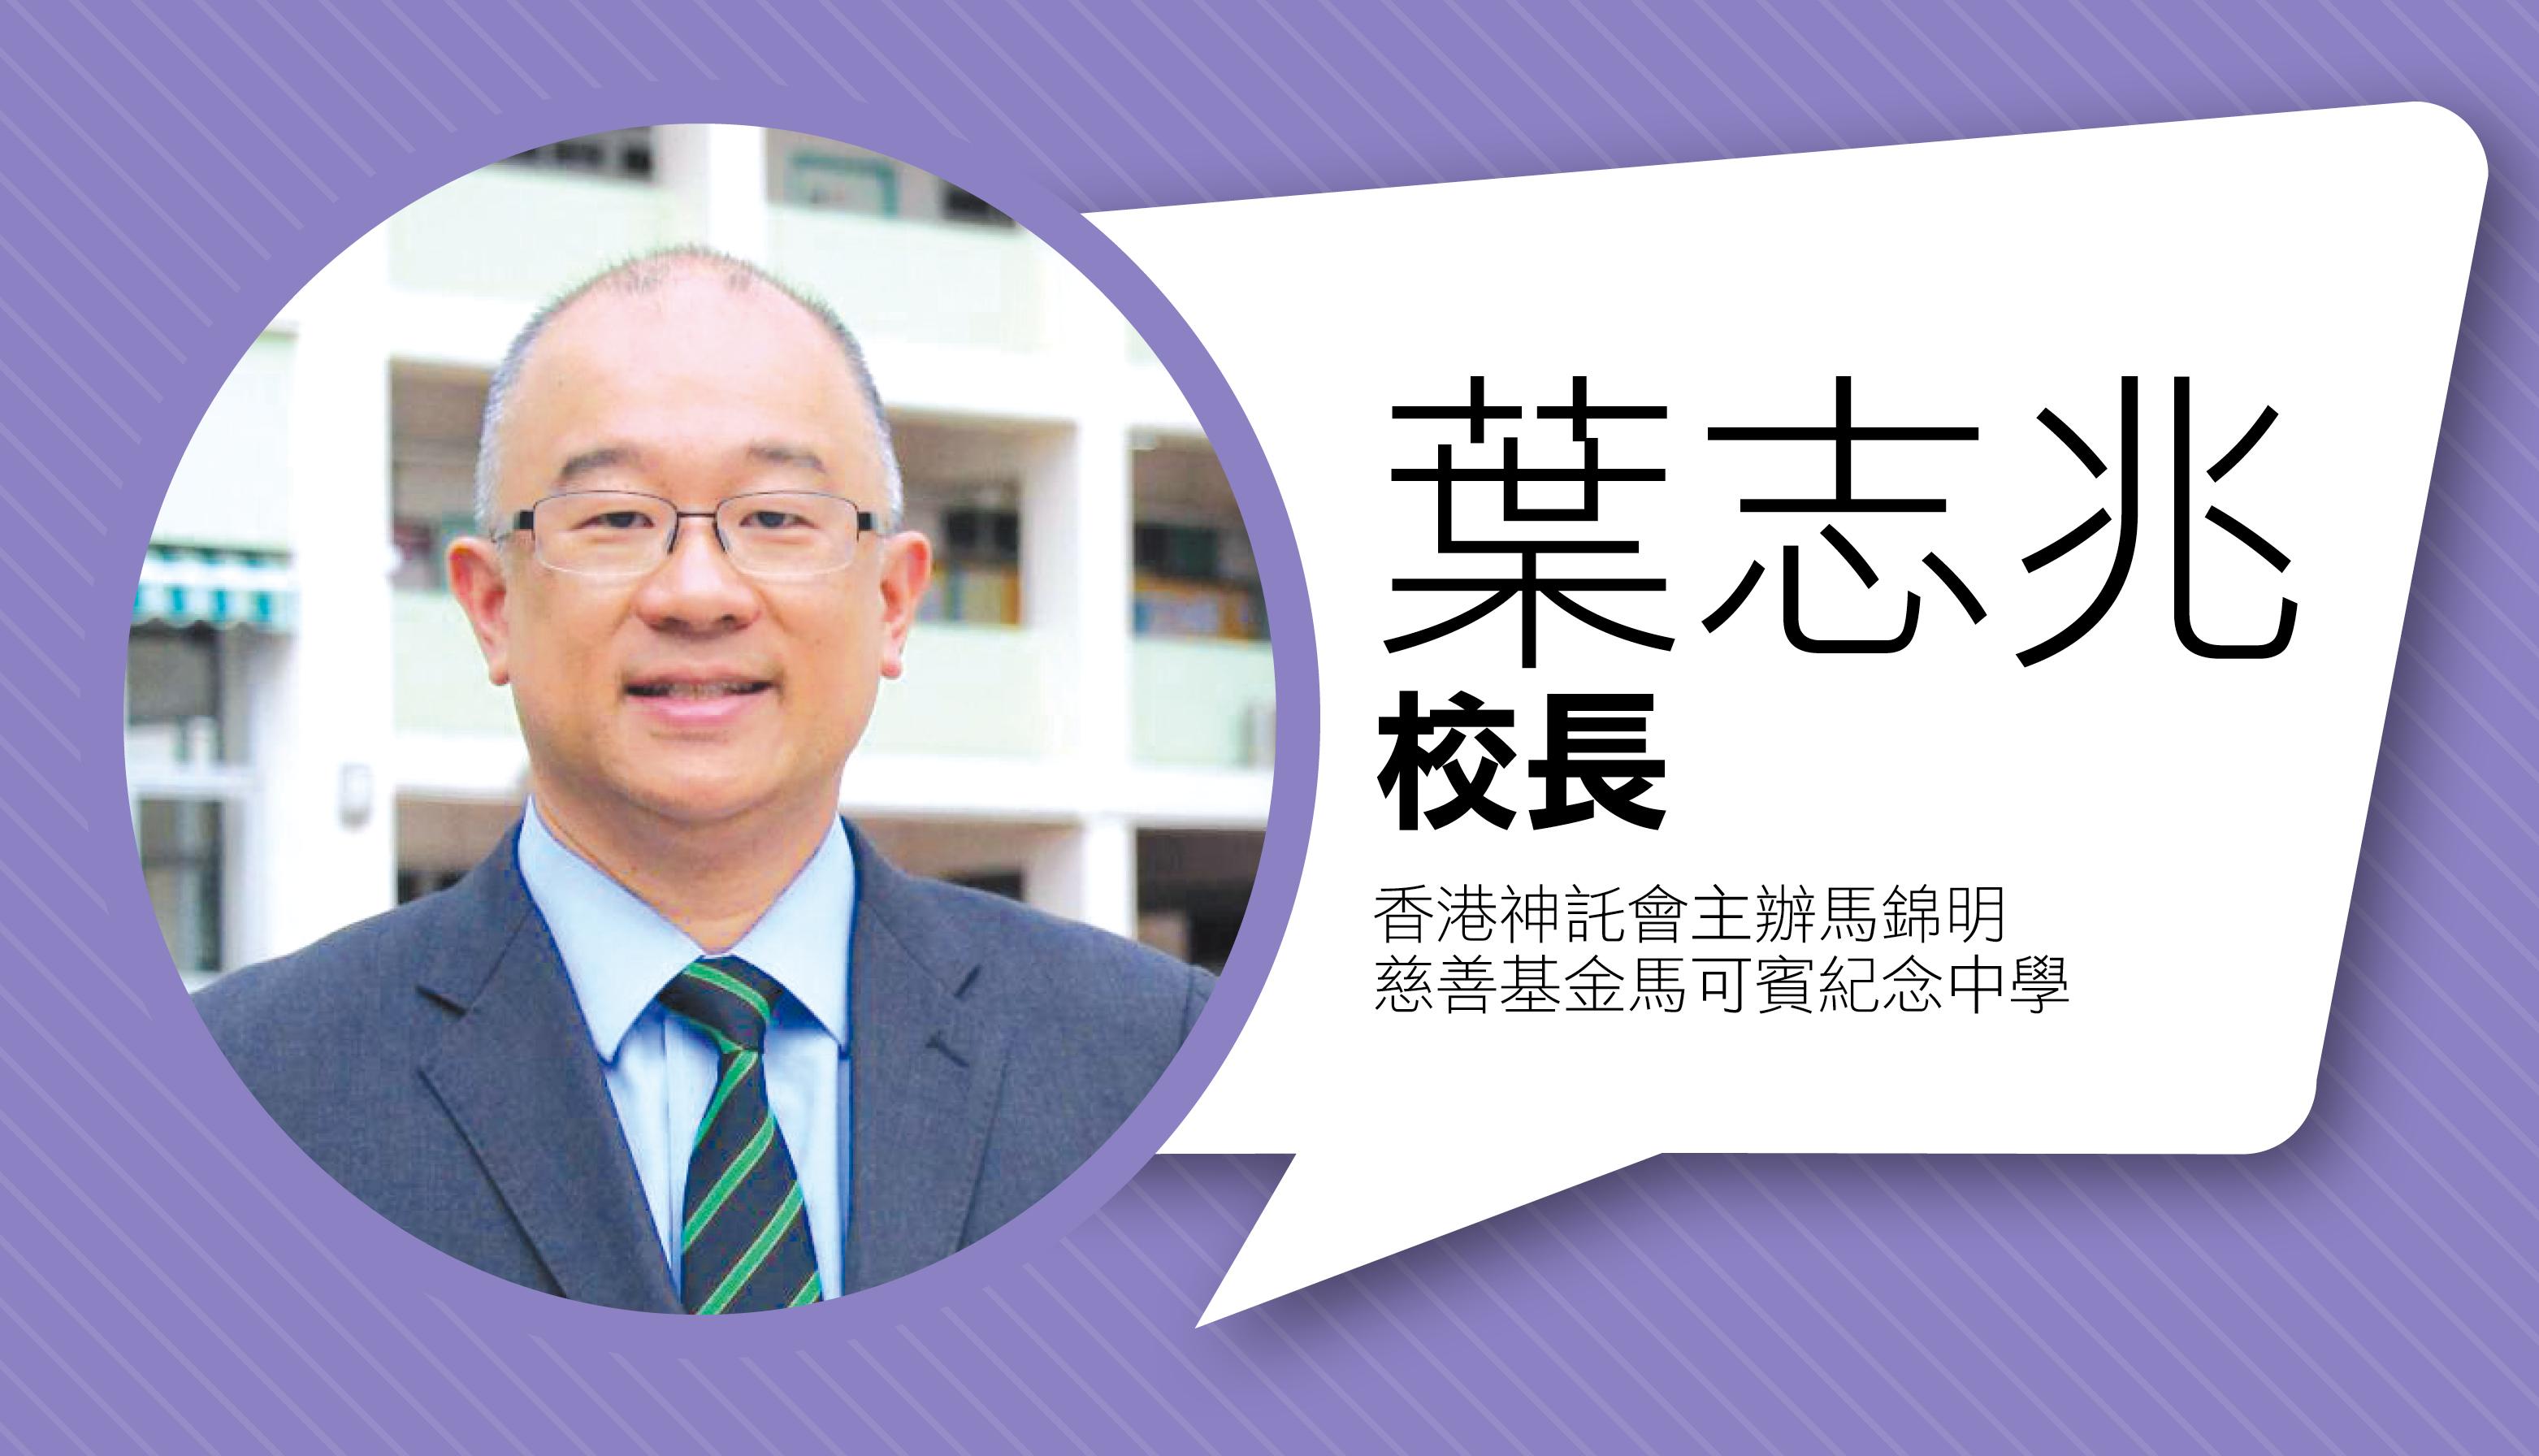 香港神託會主辦馬錦明慈善基金馬可賓紀念中學:動物界也有失敗週